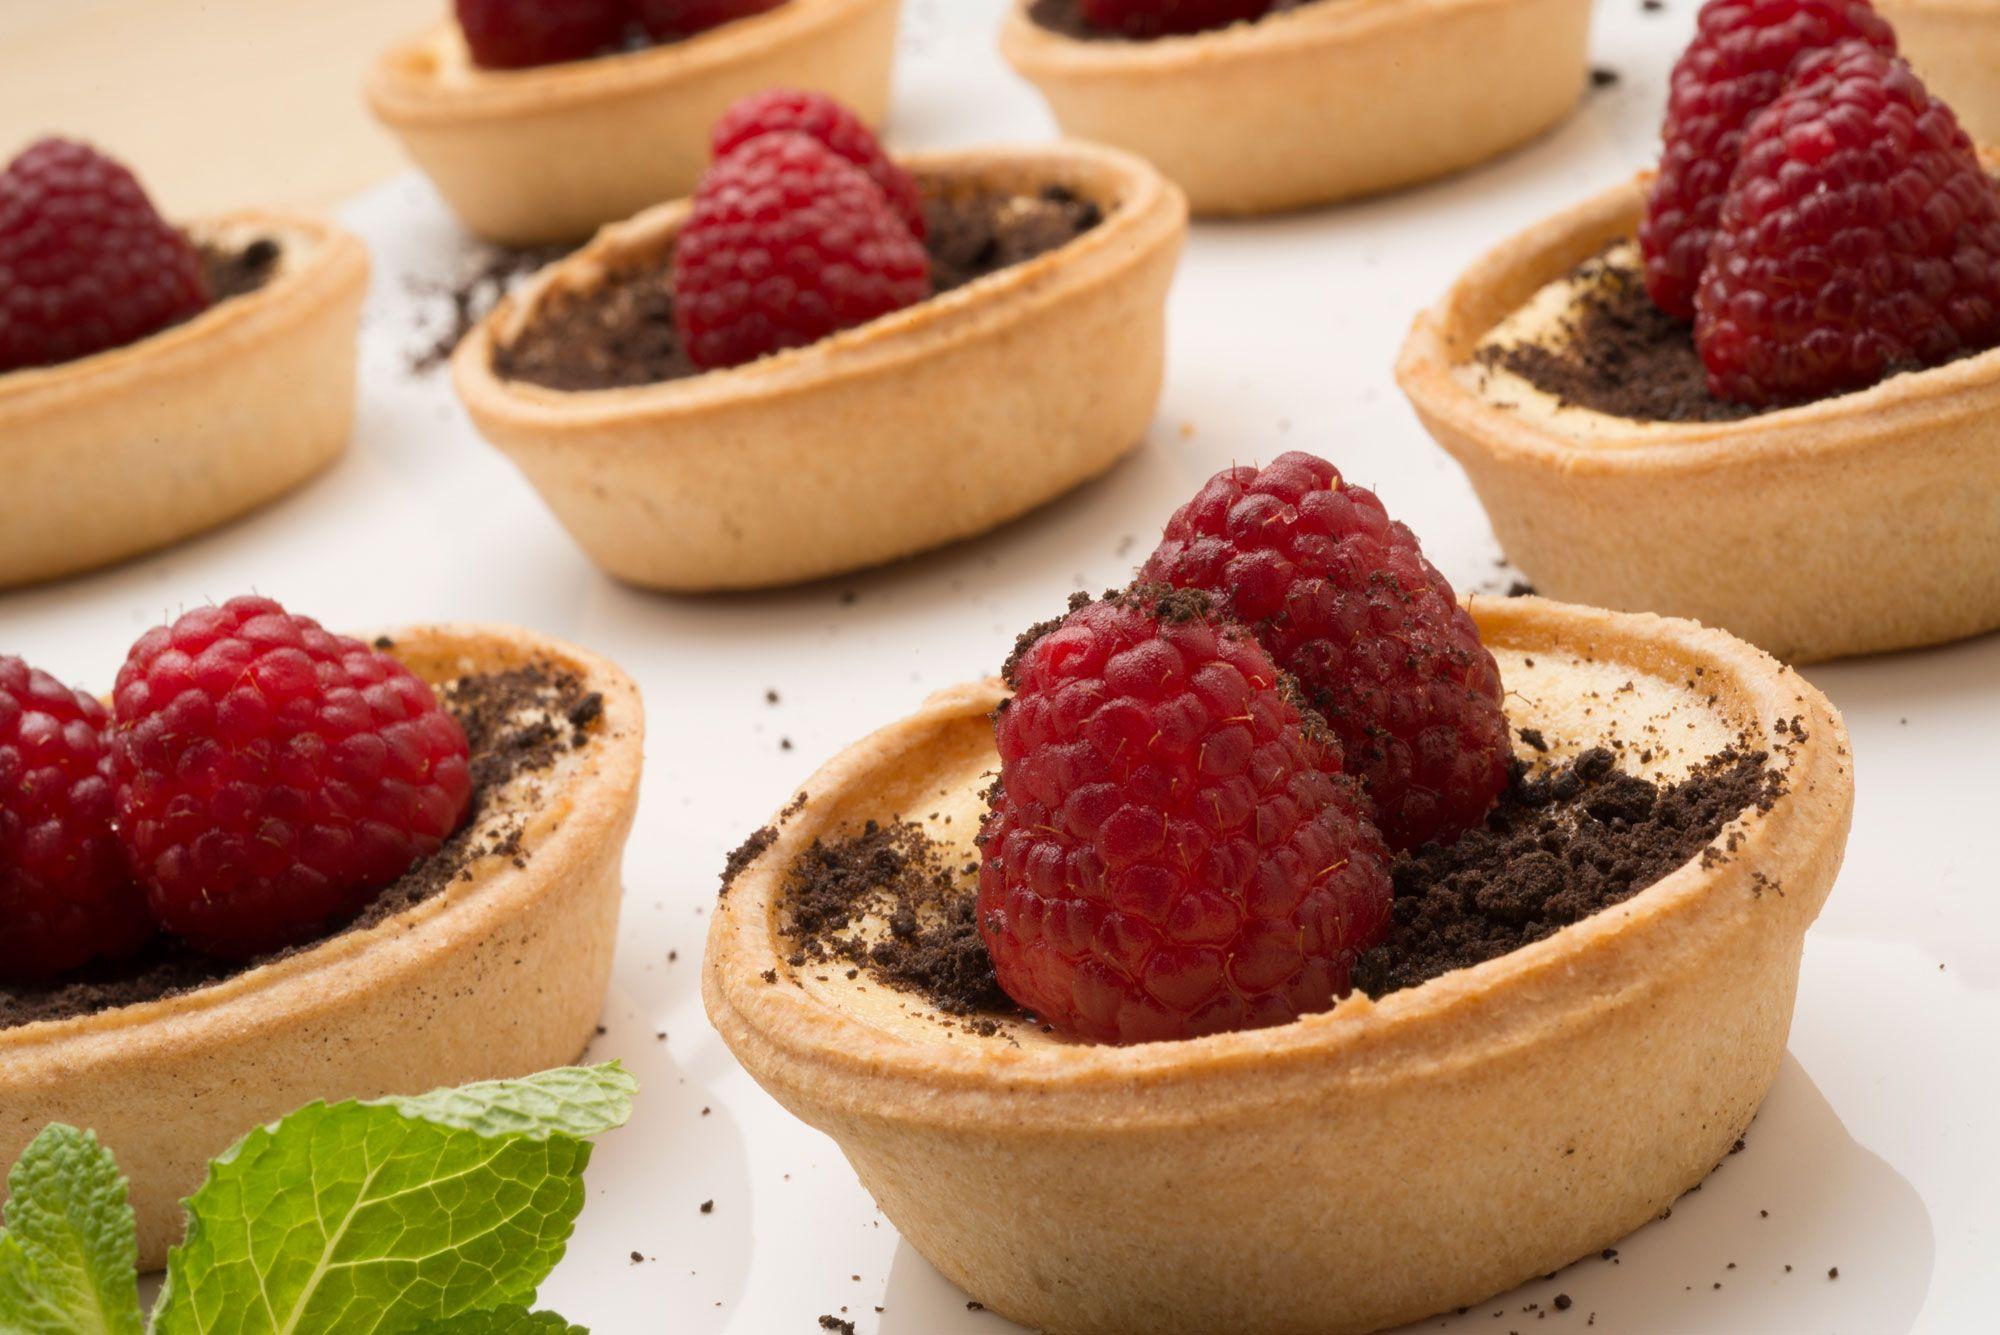 25 postres y tartas para triunfar en San Valentín - Tartaletas de pistachos y frambuesas